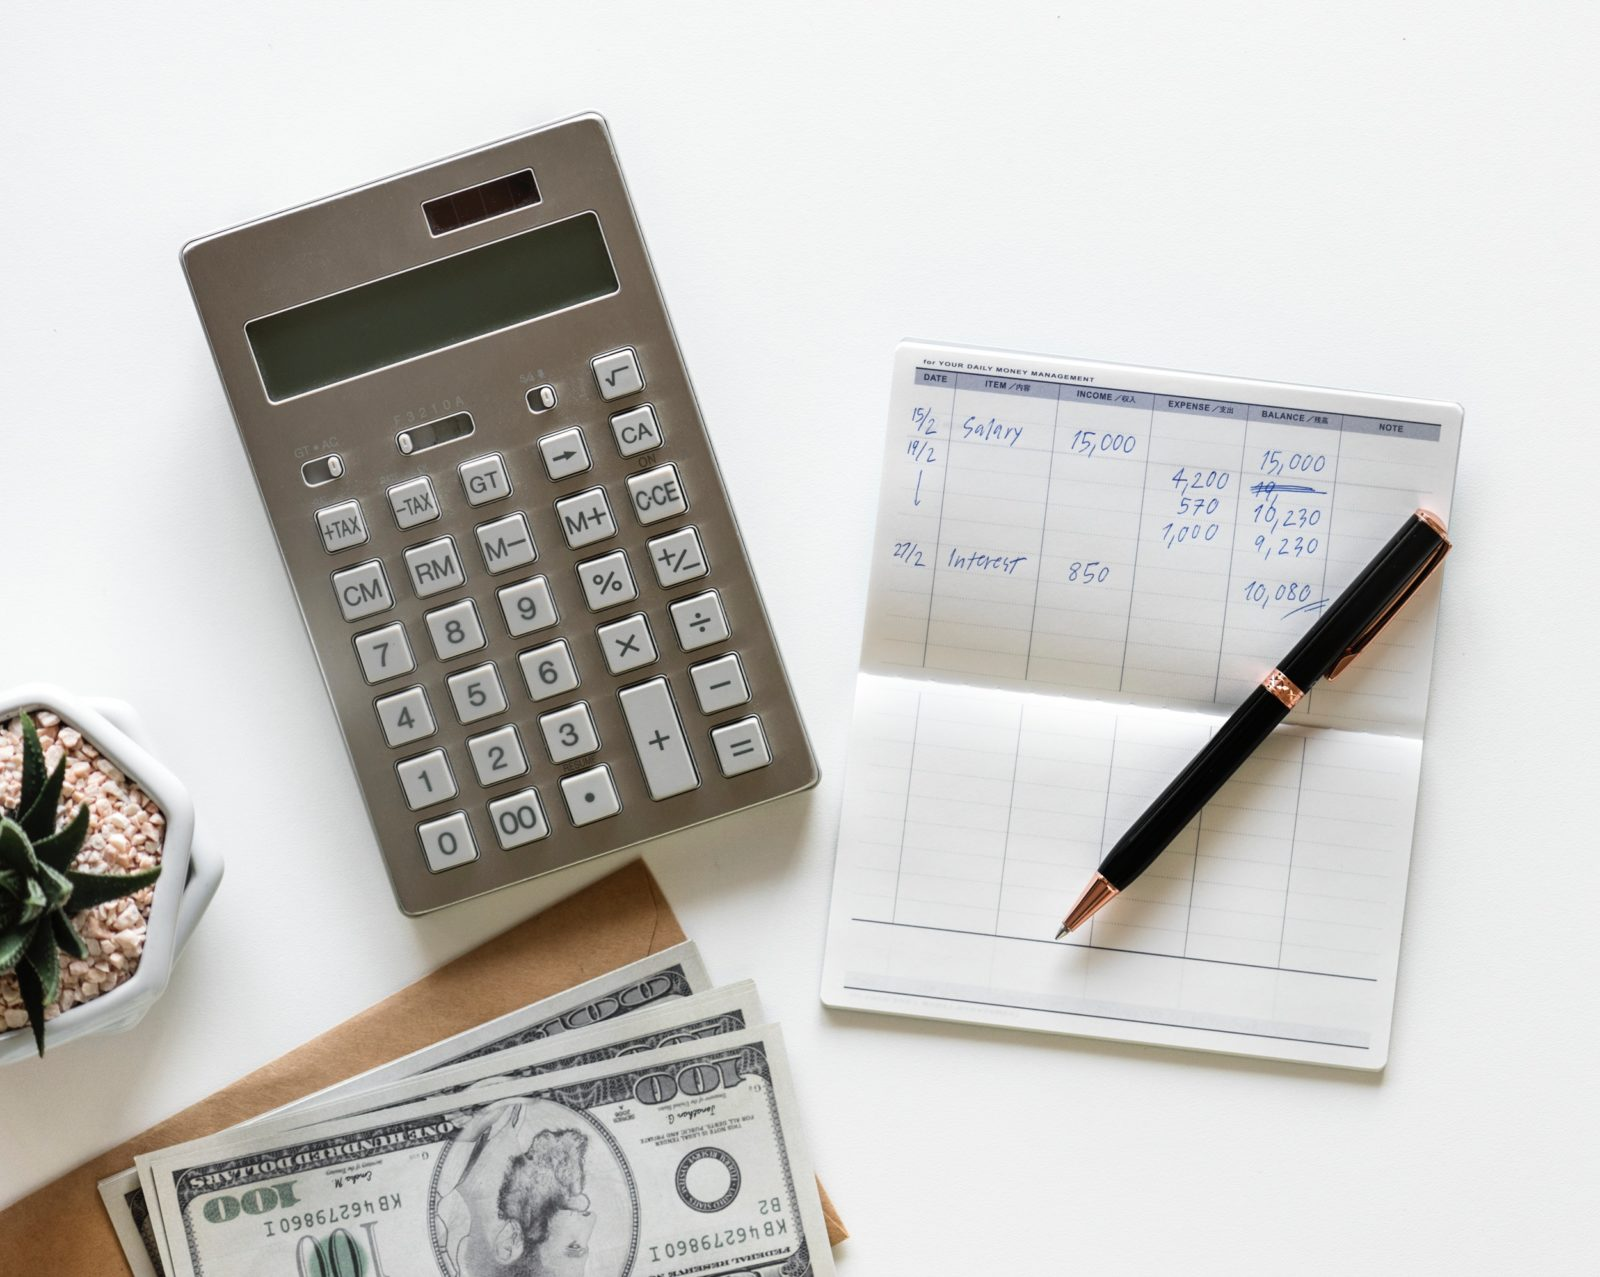 アパレル業界の給料をぶっちゃけ|販売員の月収アップの秘訣